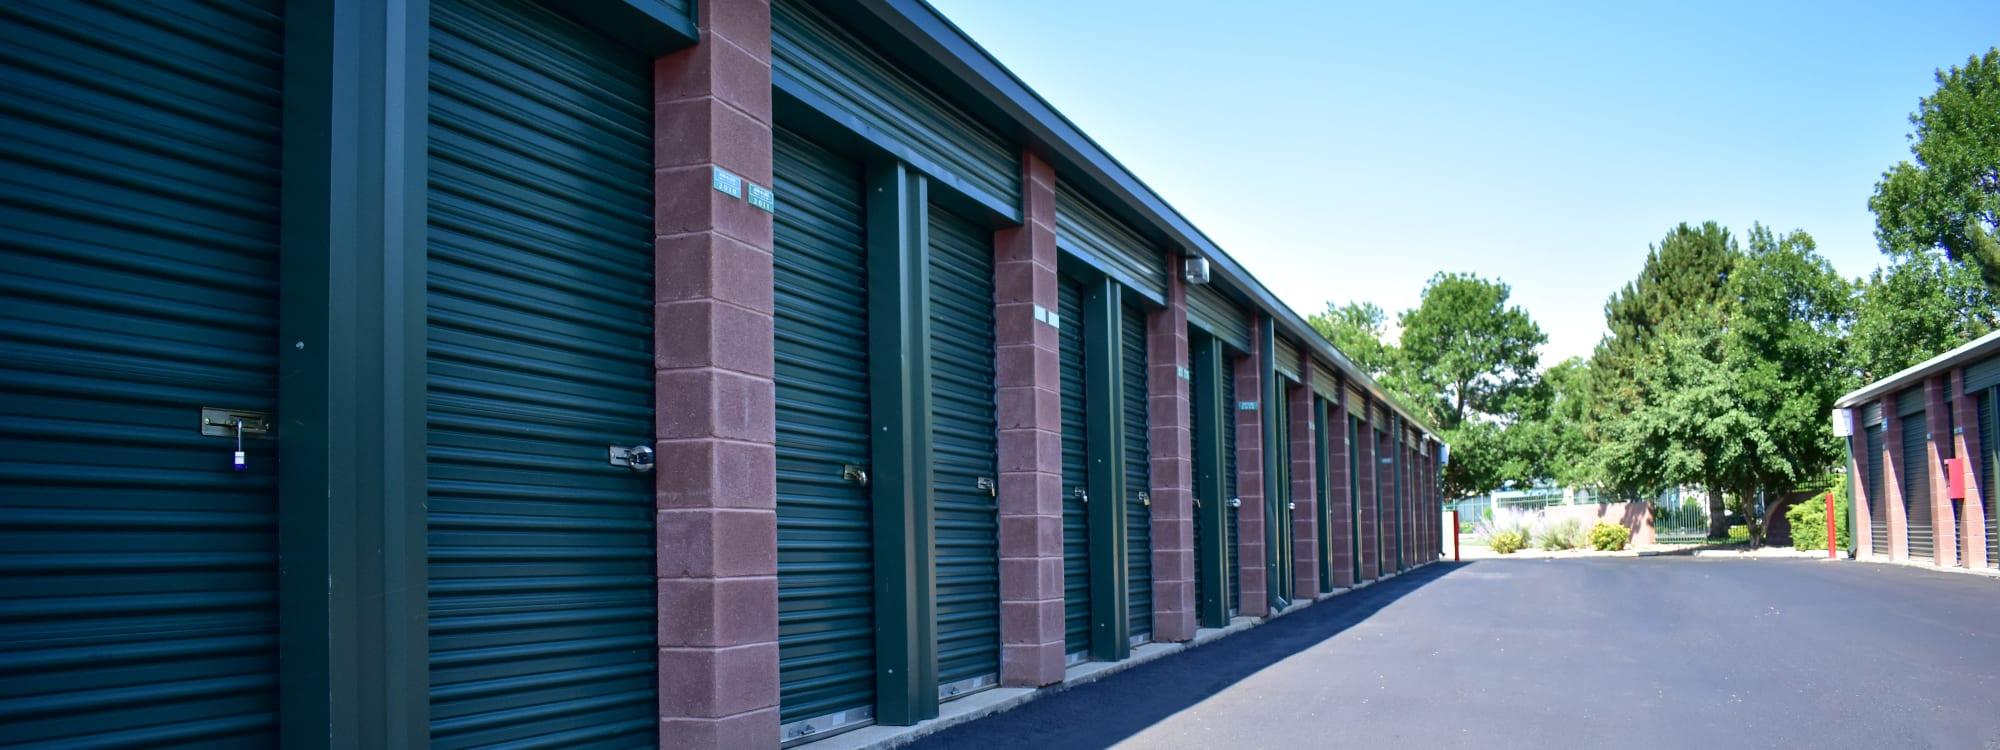 Self storage options at STOR-N-LOCK Self Storage in Thornton, Colorado